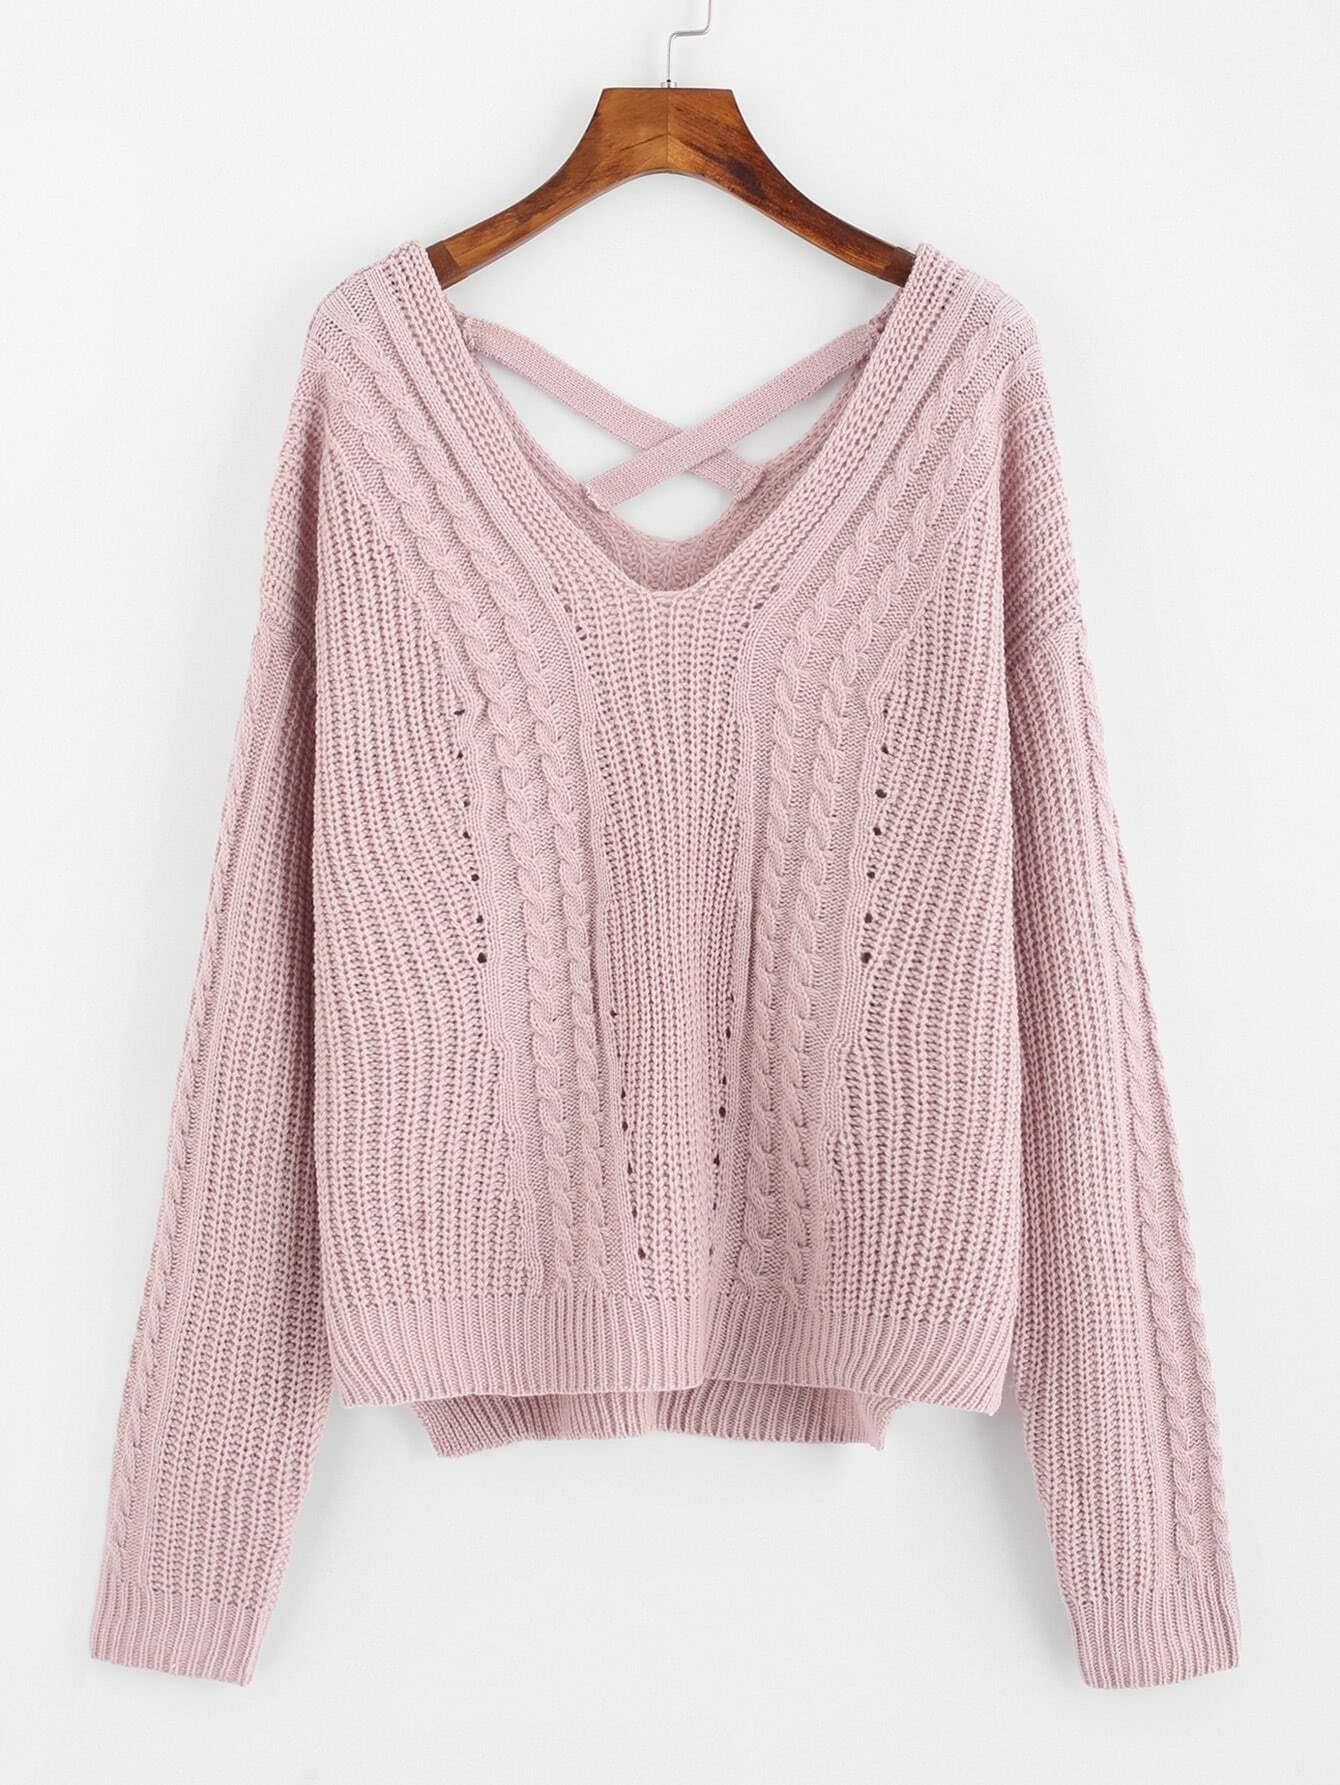 Crisscross Dual V Neck Slit Side Sweater